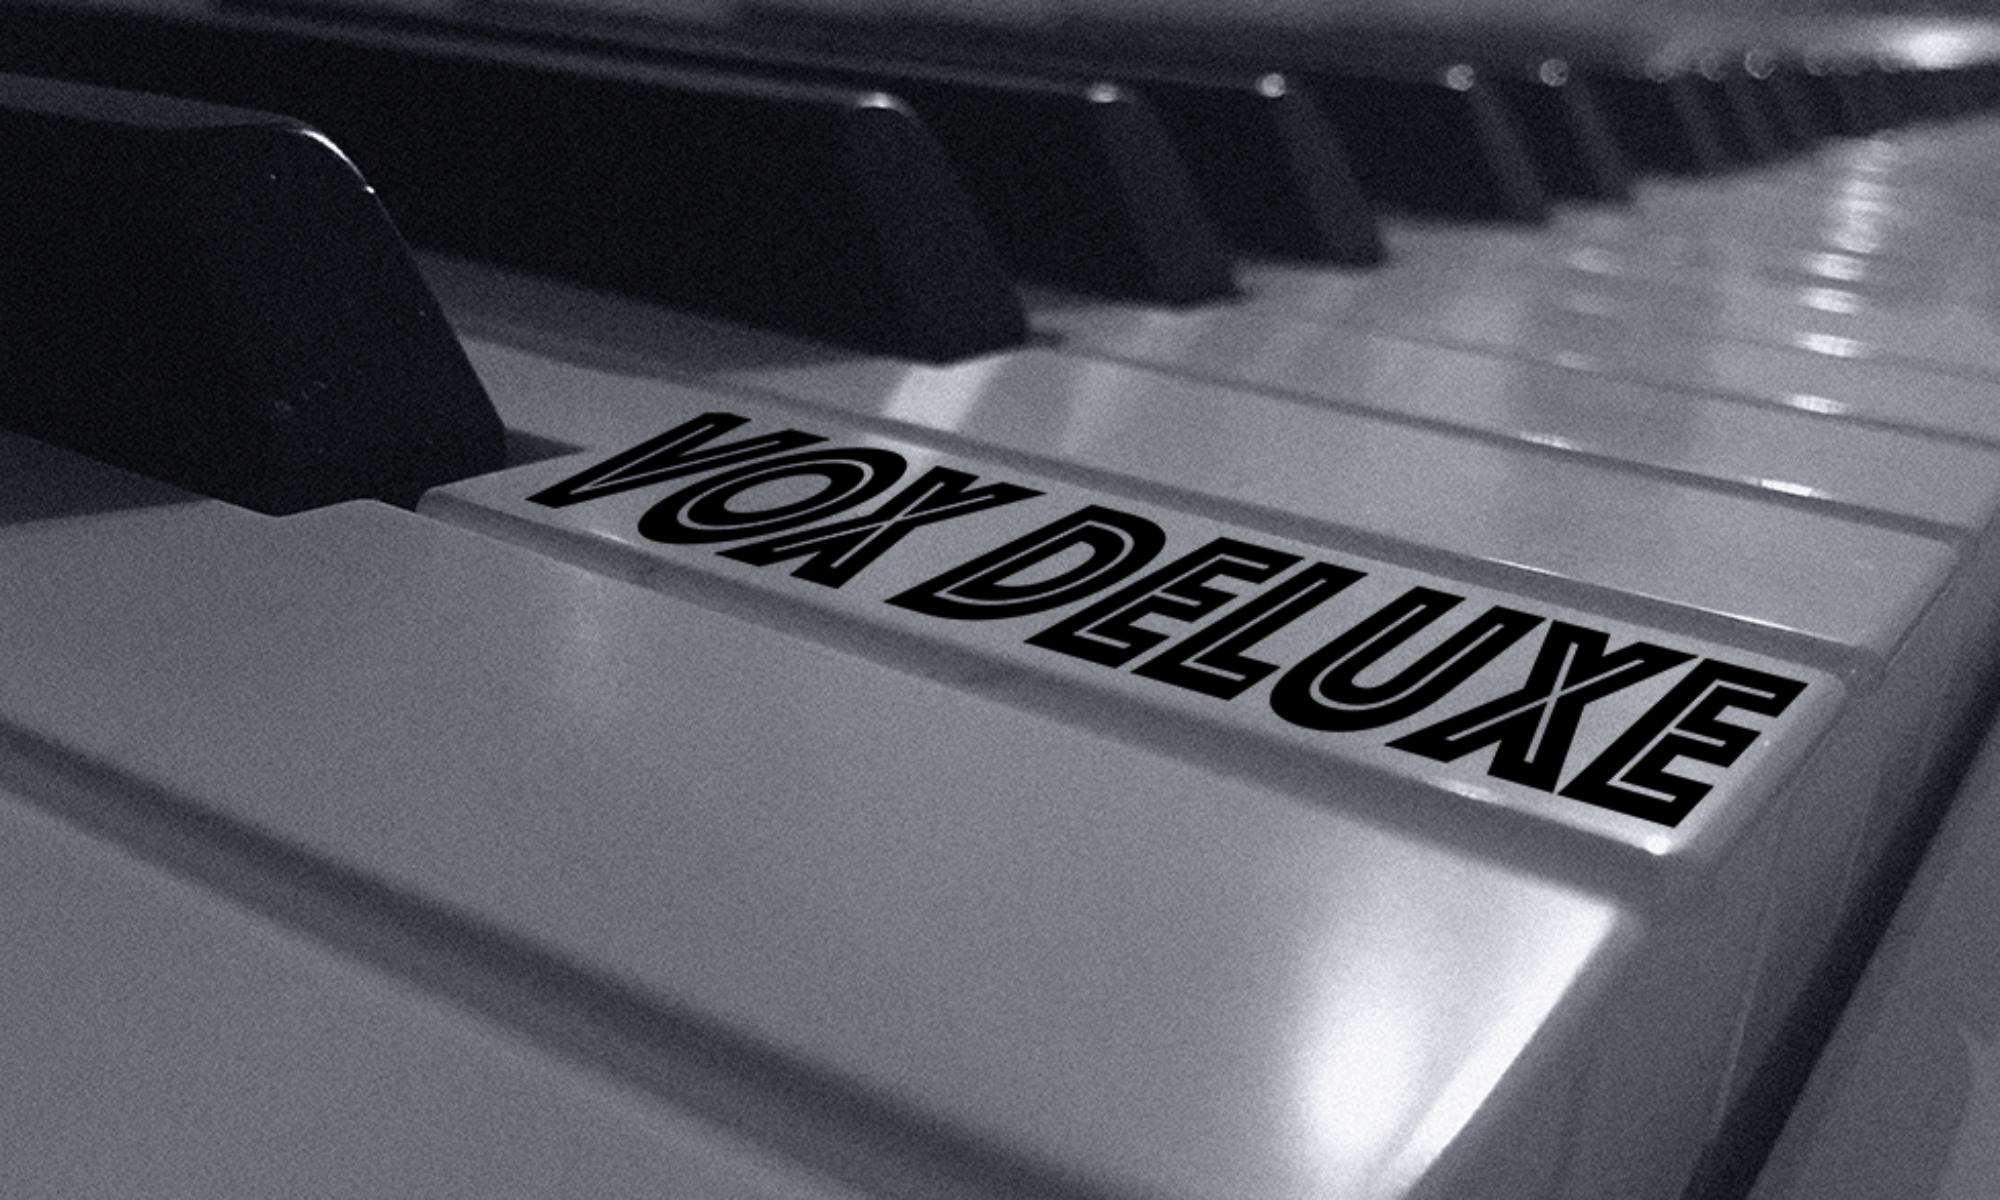 Vox Deluxe